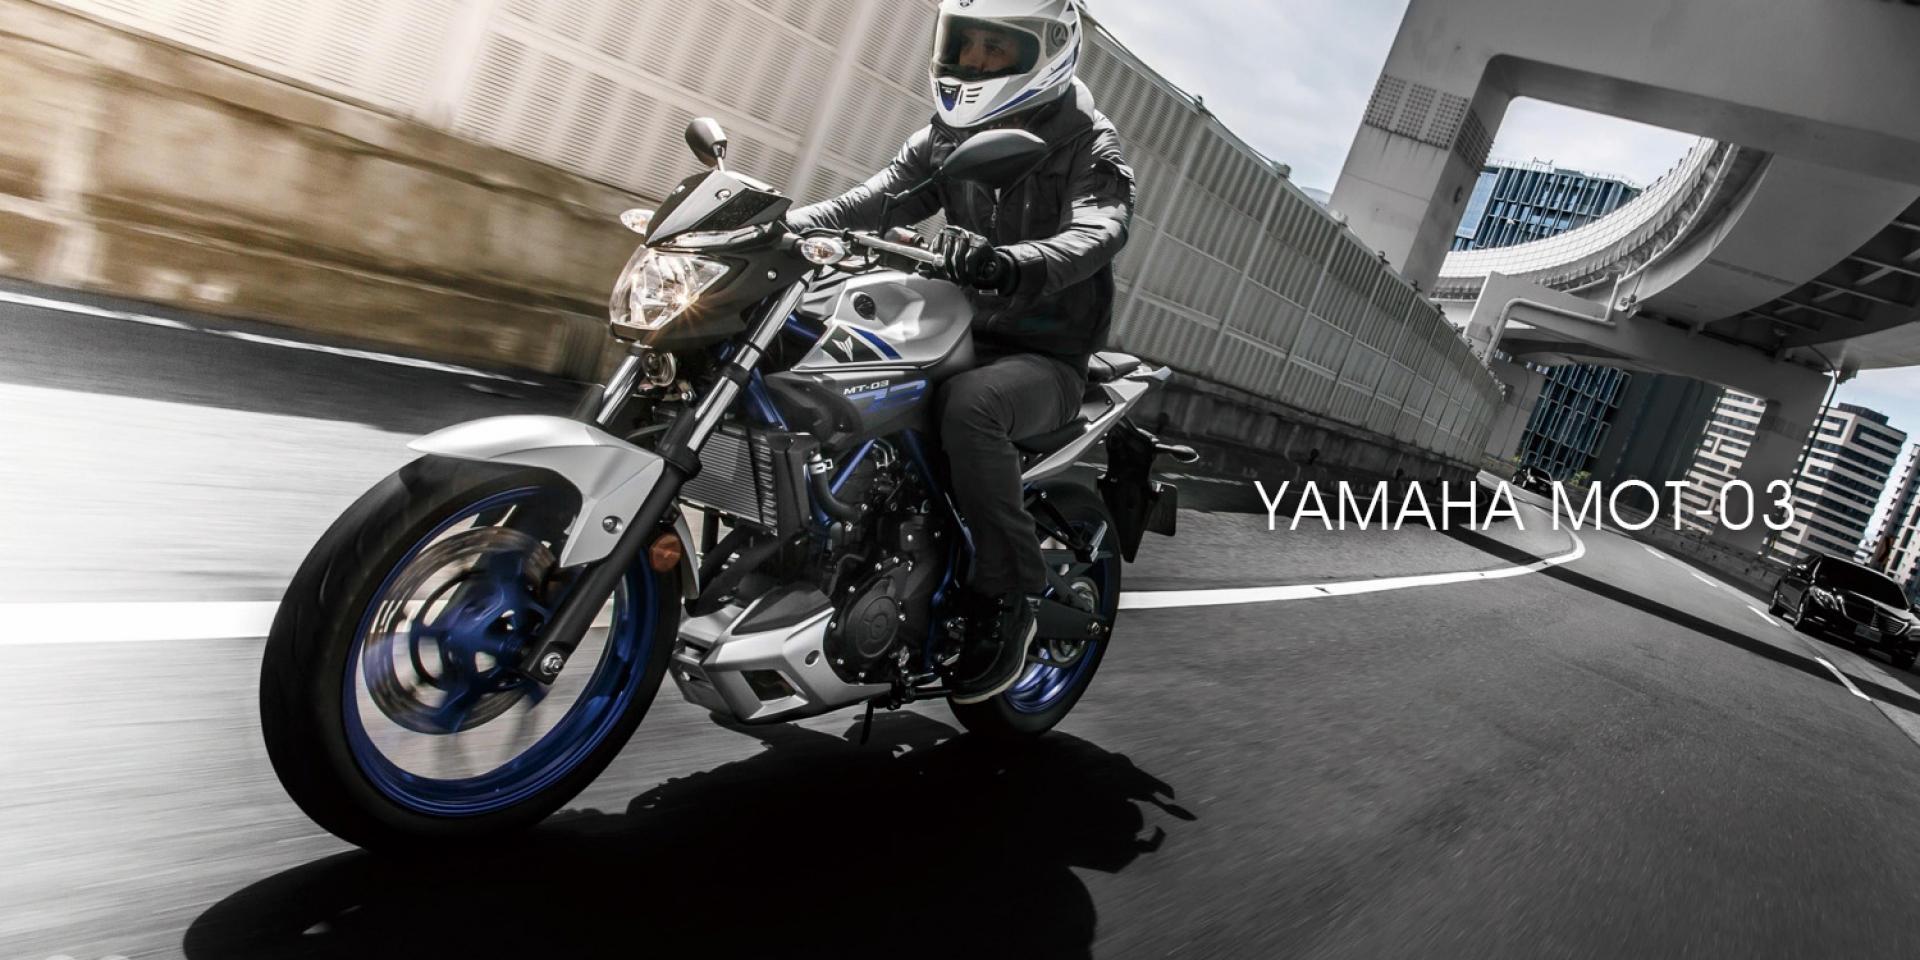 都會獵豹。YAMAHA MT-03 台灣發表(試乘心得)